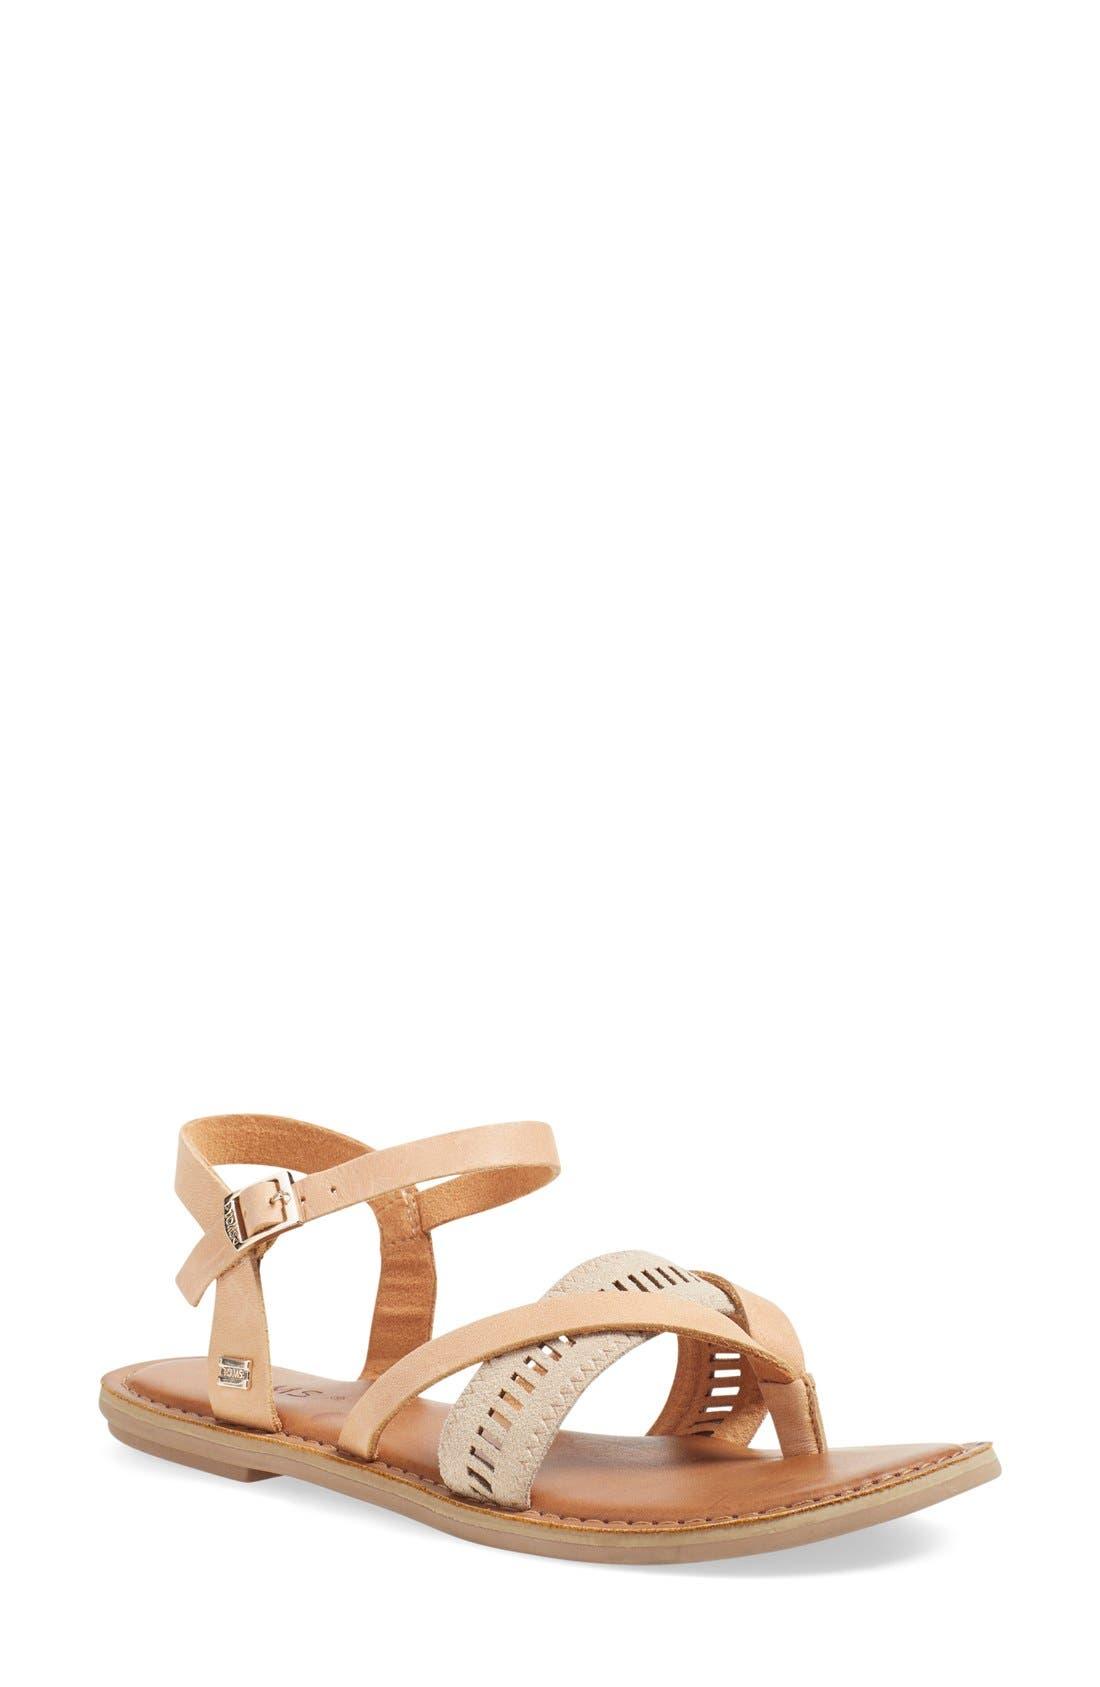 Alternate Image 1 Selected - TOMS 'Lexie' Sandal (Women)